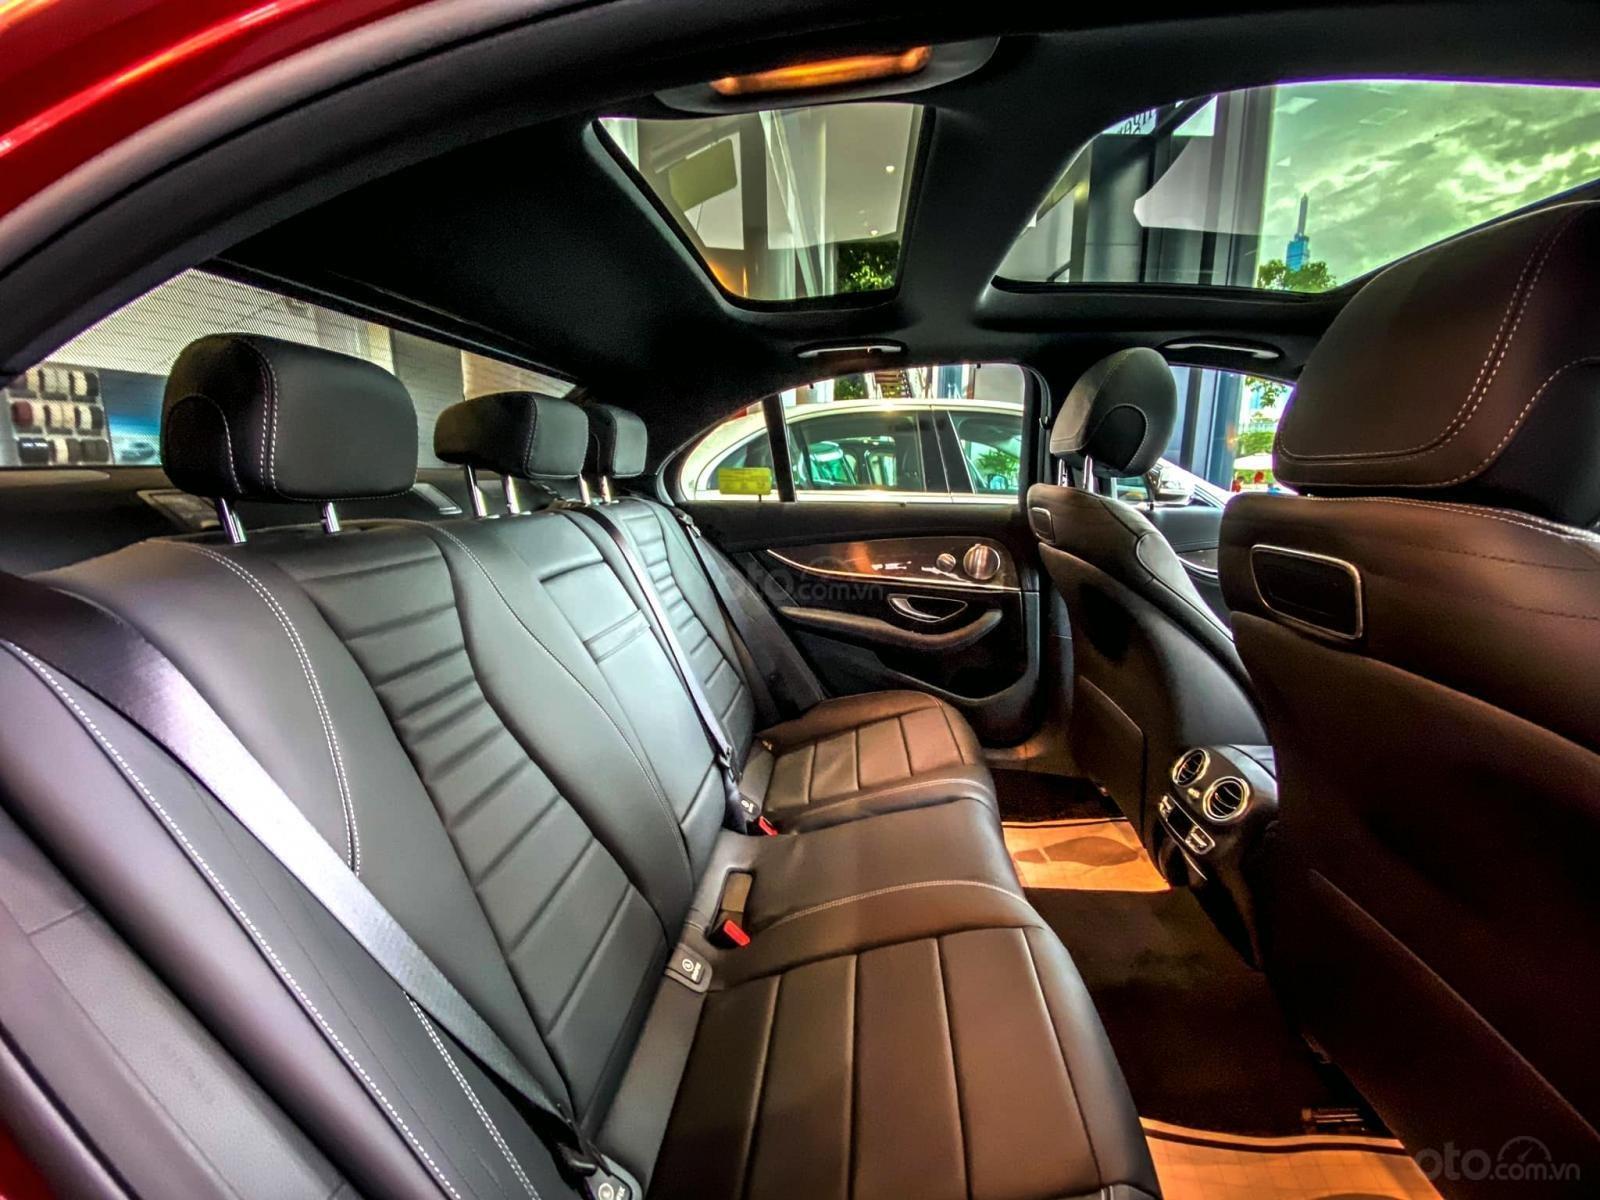 Mercedes-Benz E300 AMG sang trọng - đẳng cấp, giảm giá tiền mặt 150.000.000, có sẵn giao ngay (12)